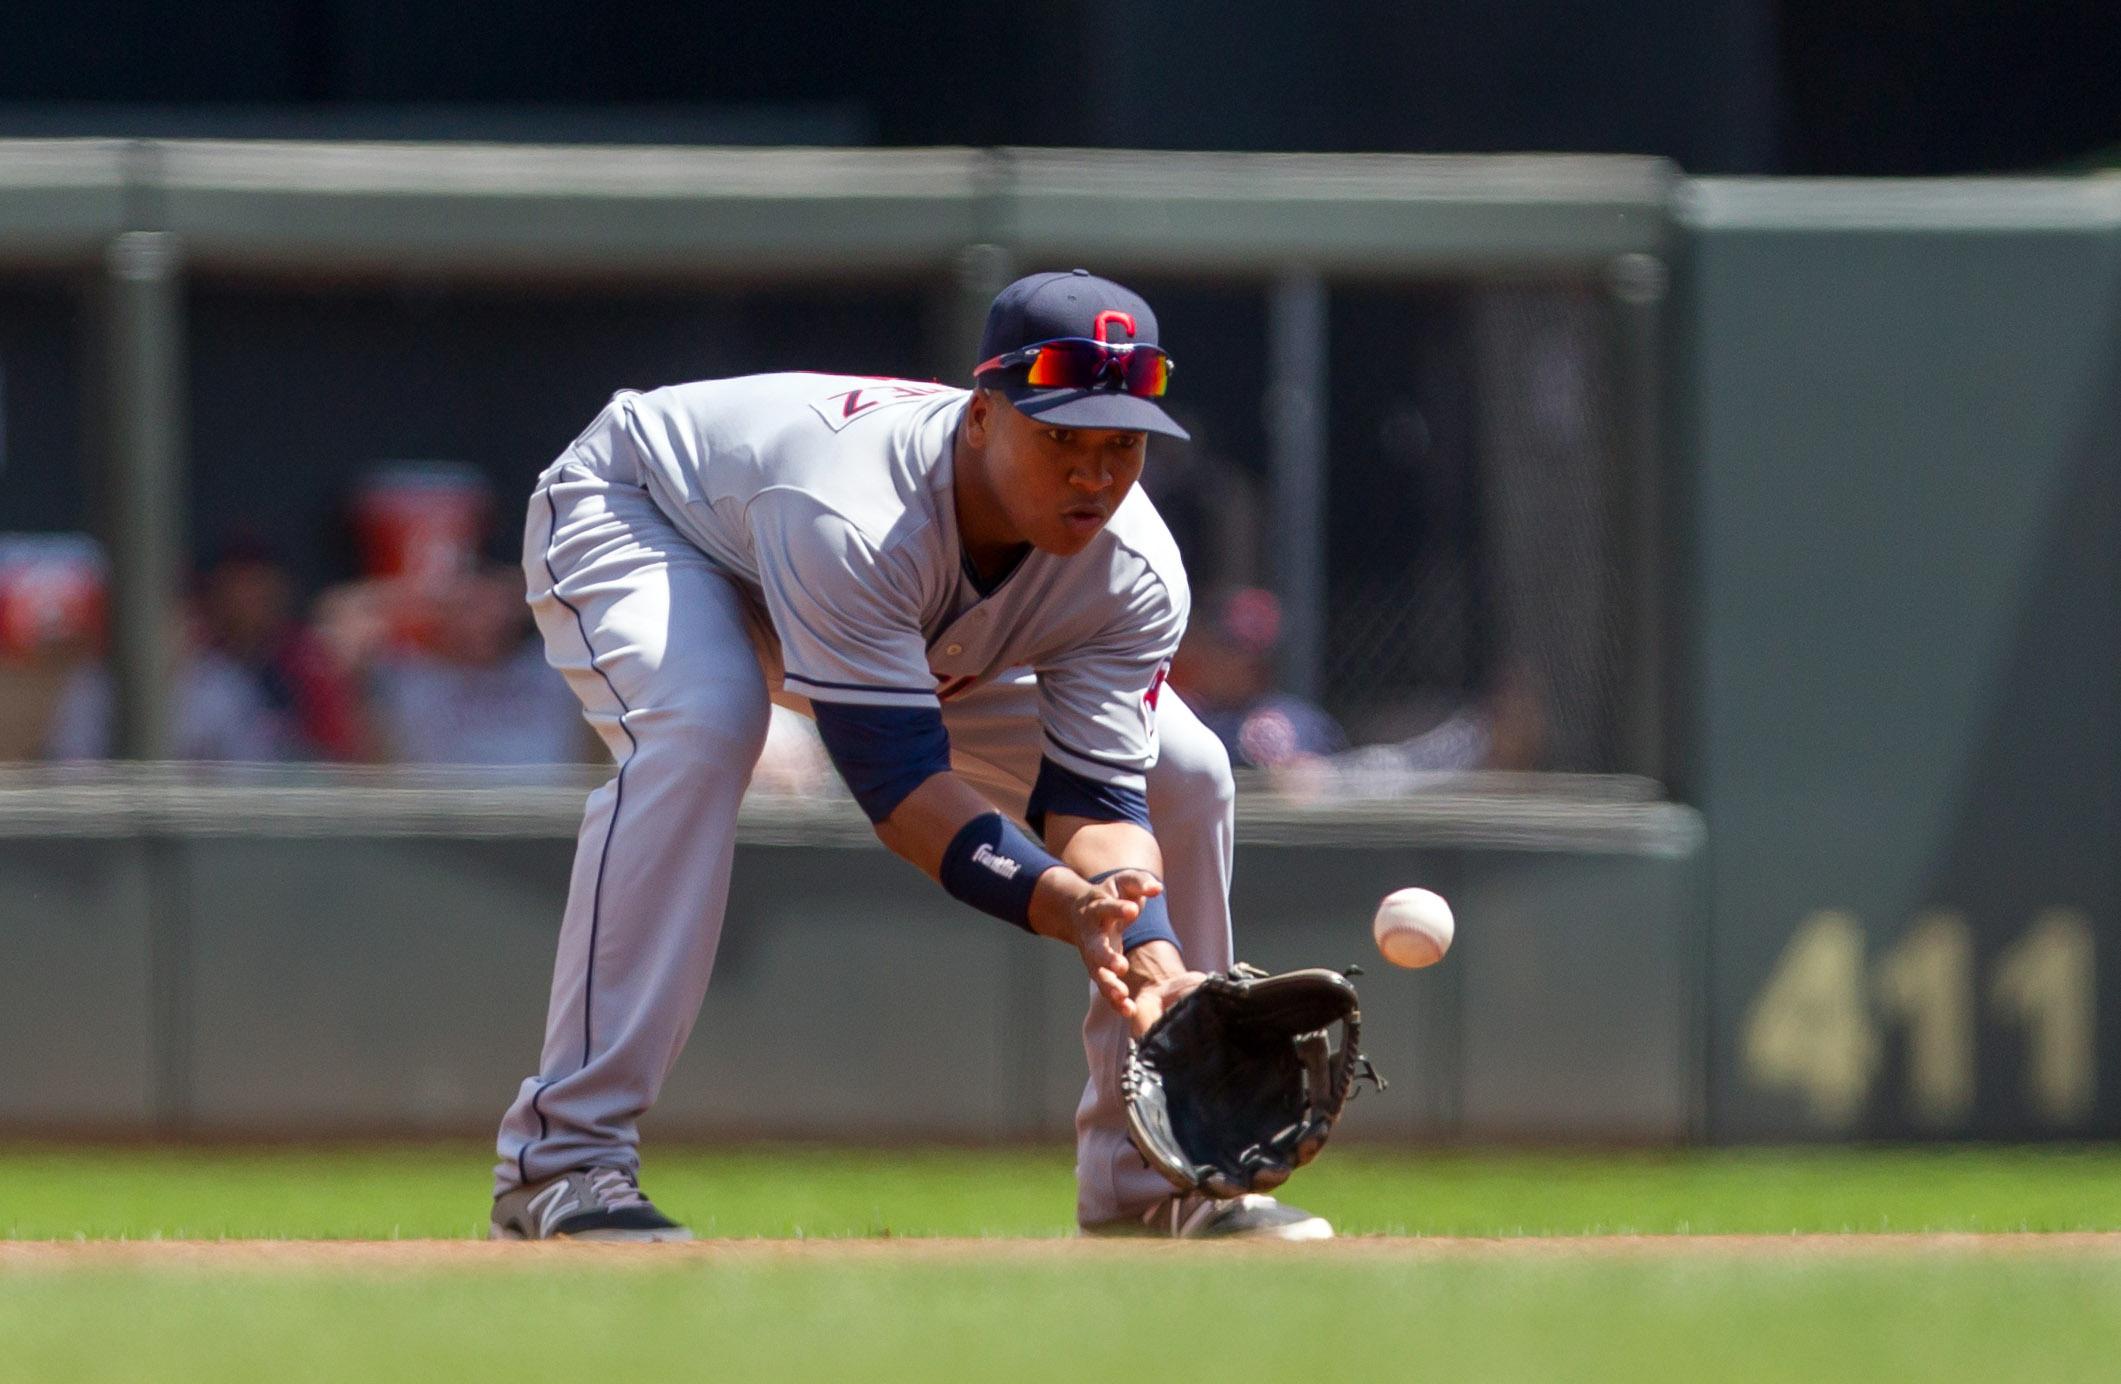 Jose Ramirez using his glove at short